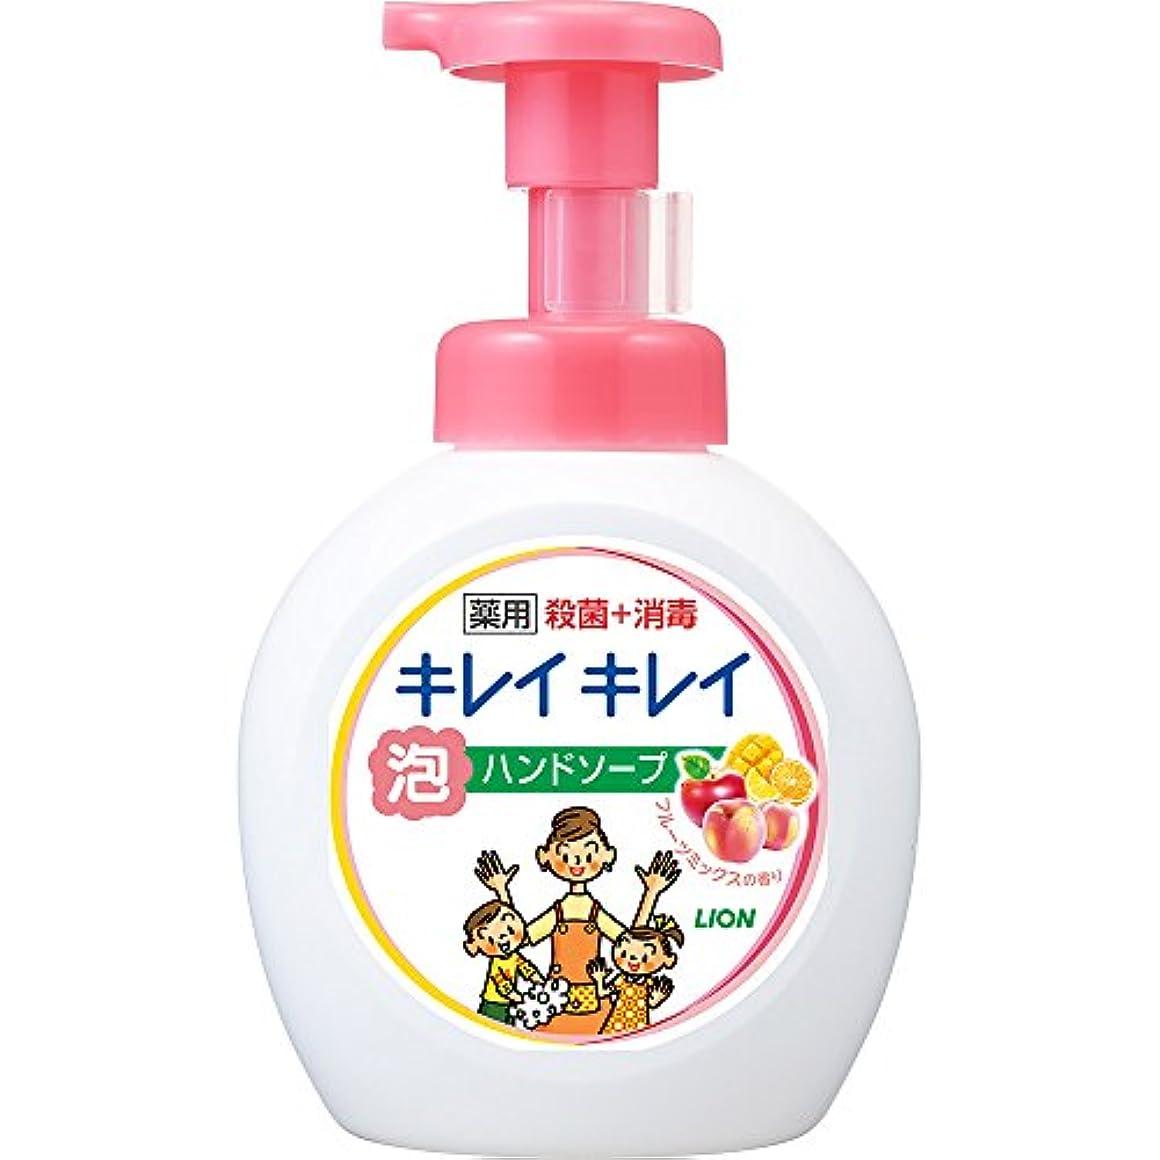 旋回慣れている細胞キレイキレイ 薬用 泡ハンドソープ フルーツミックスの香り 本体ポンプ 大型サイズ 500ml(医薬部外品)